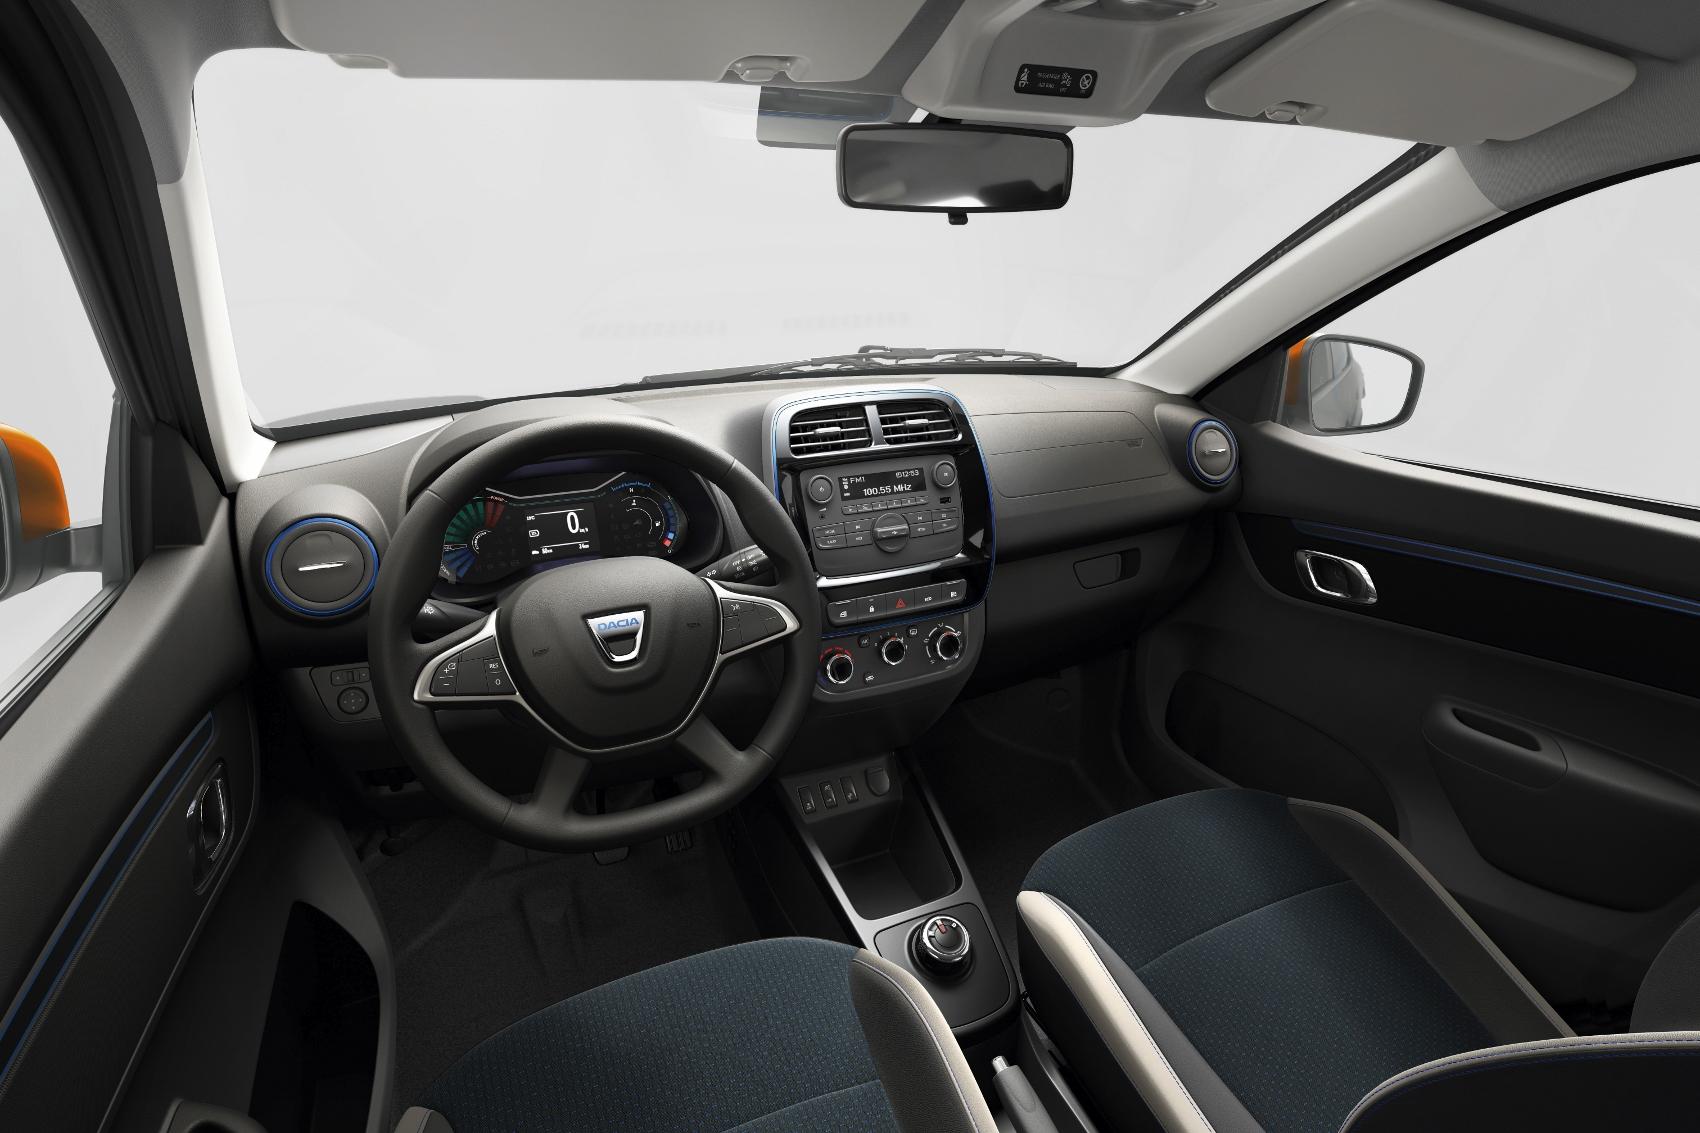 Nová elektrická Dacia Spring bude superlacná P5JSDl82BW 2020-dacia-spring-8-1700x1133